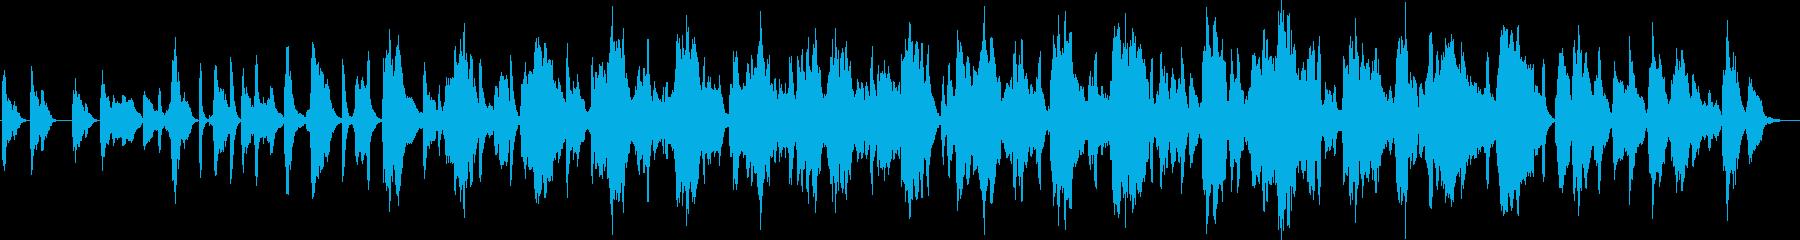 王道の和風ミニマルアンビエントの再生済みの波形